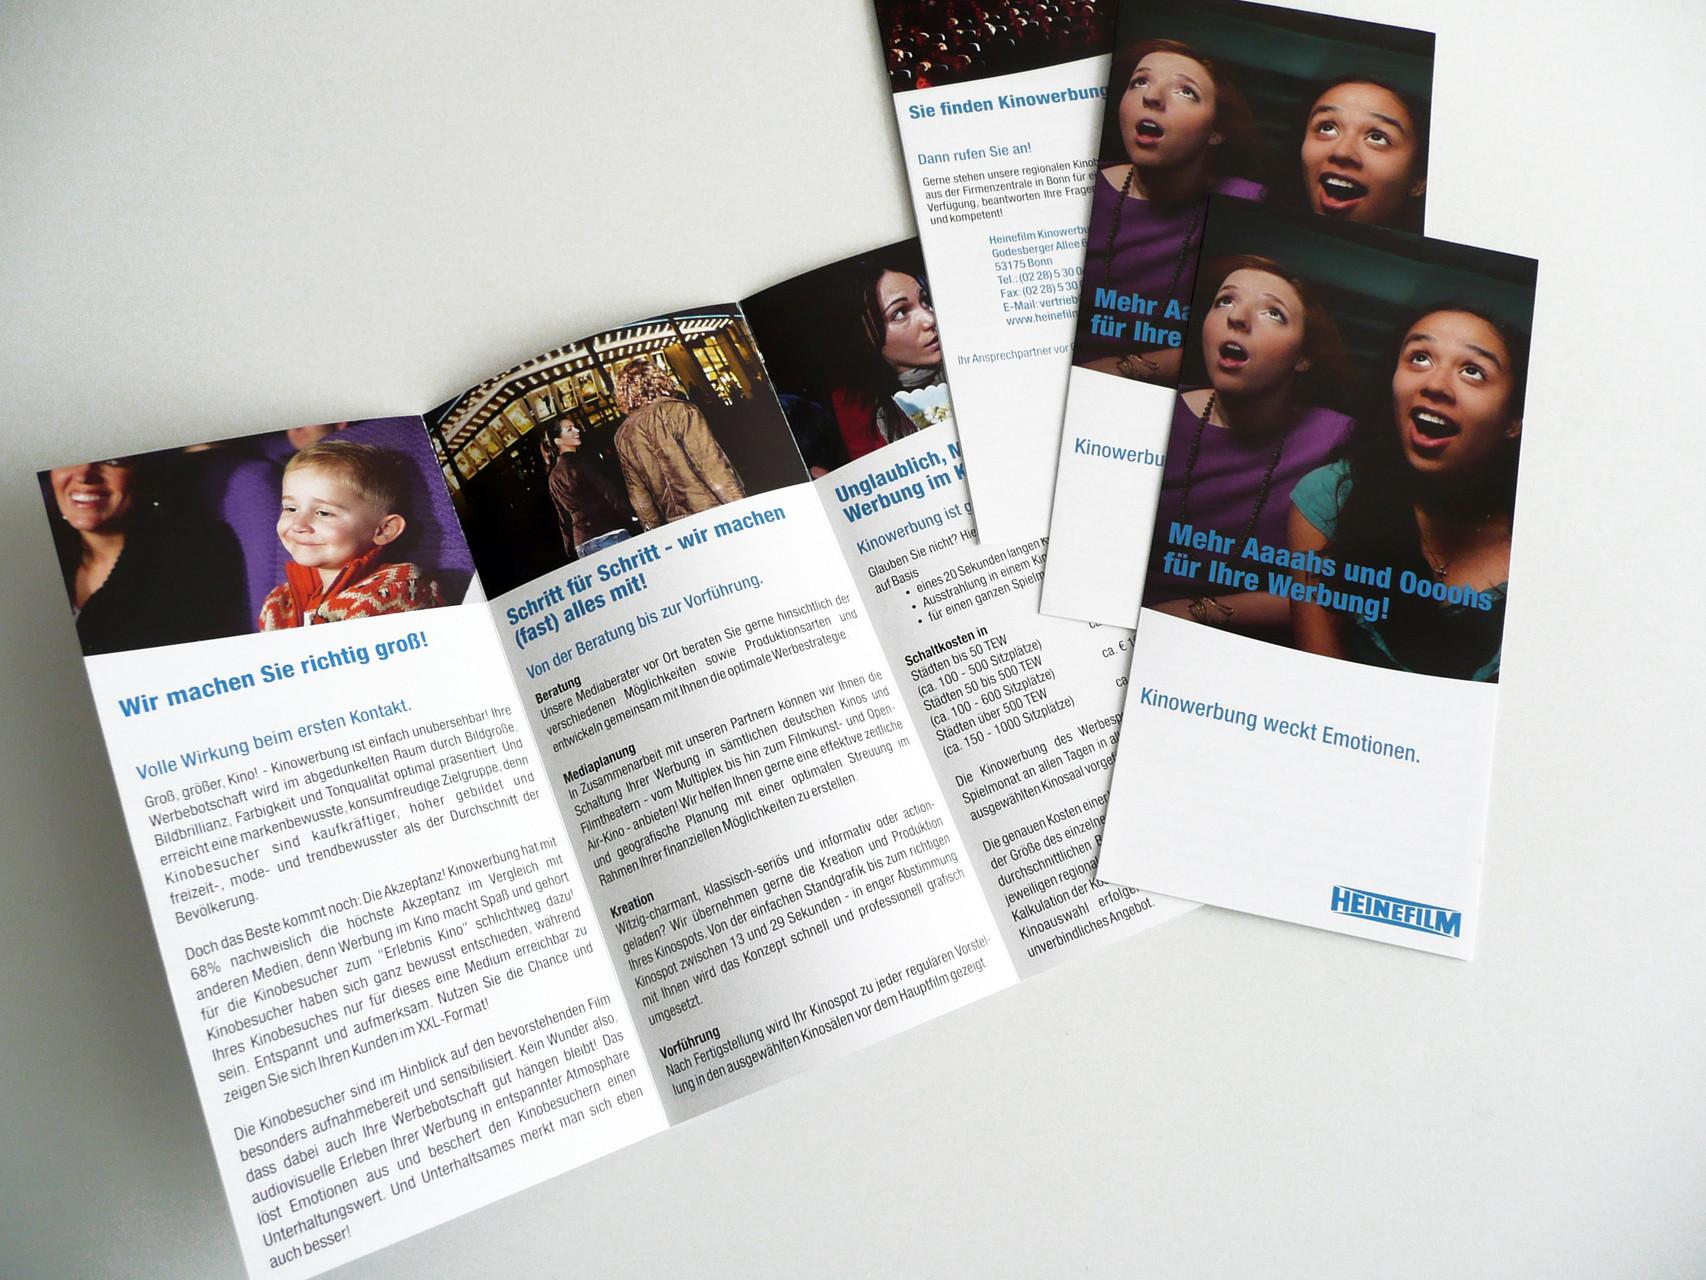 Grafikdesign, Grafik, Gestaltung, Heinefilm Kampagne Ahh und Ohh, Flyer